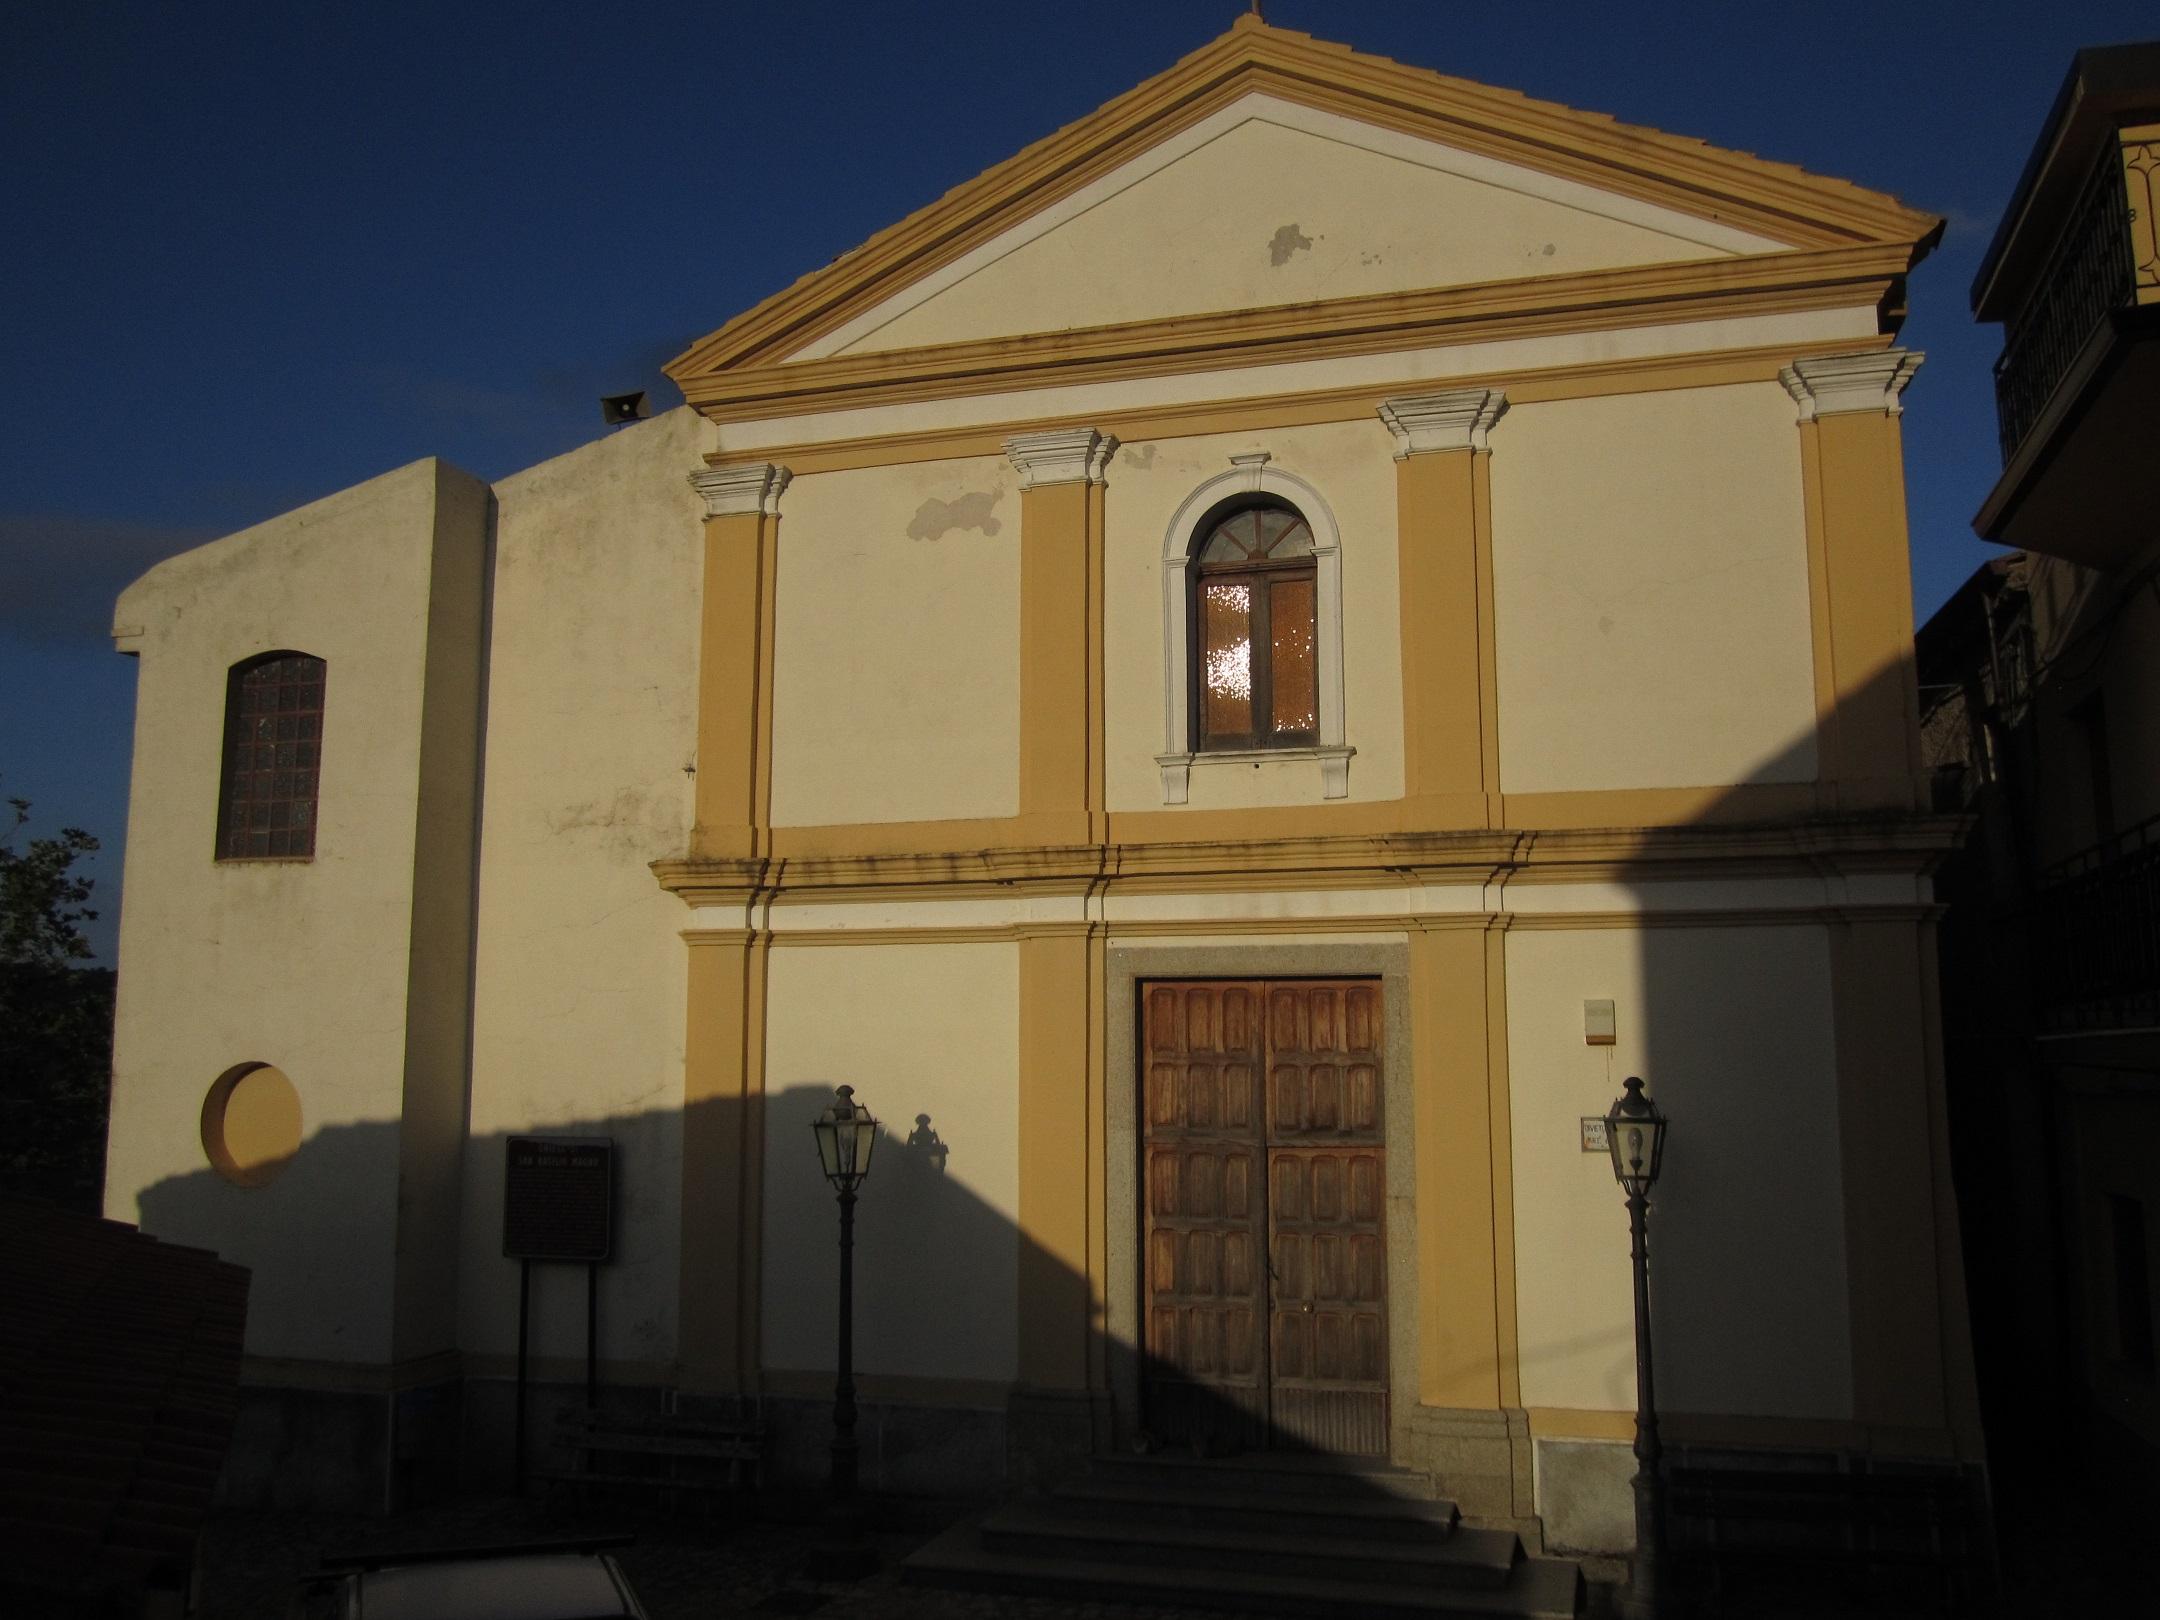 Resti di un bimbo murati in una chiesa del Reggino  Dopo le segnalazioni arrivati i carabinieri del Ris